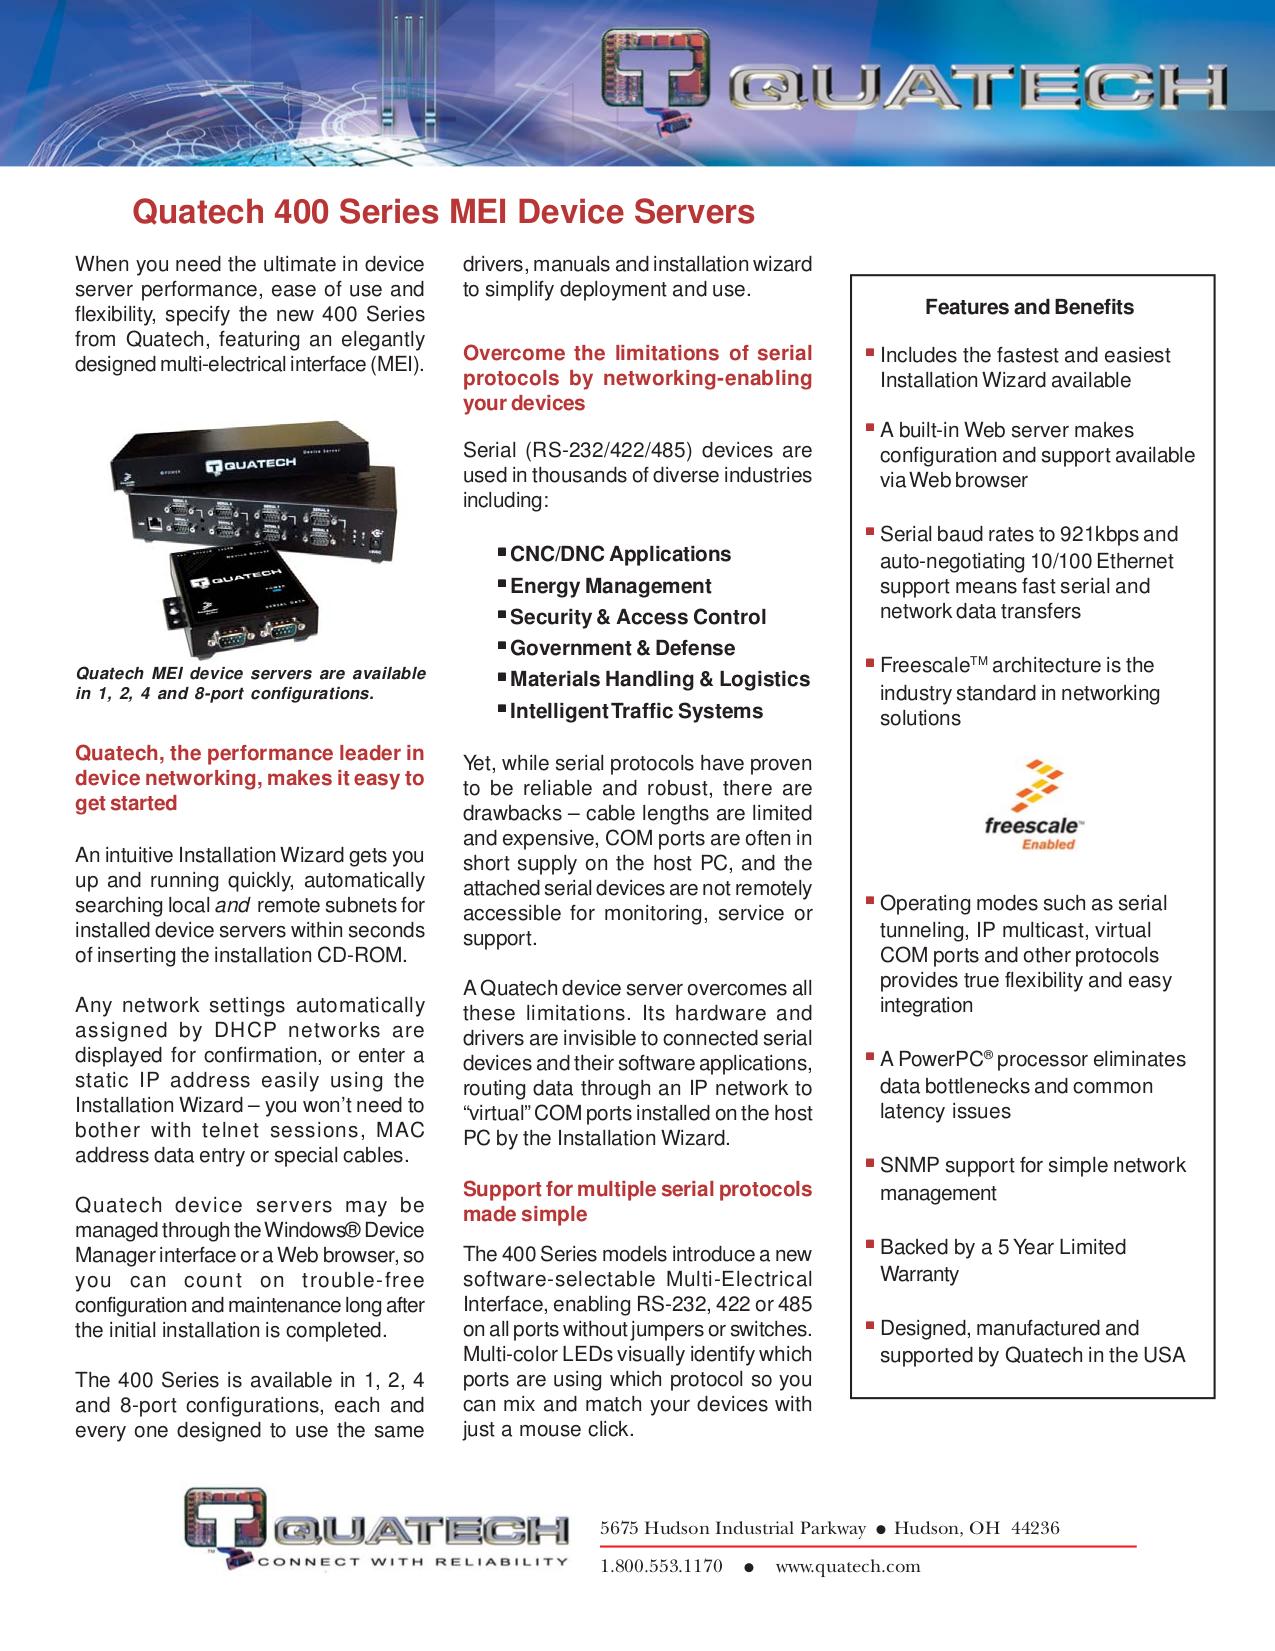 pdf for Quatech Other QSE-400D Servers manual